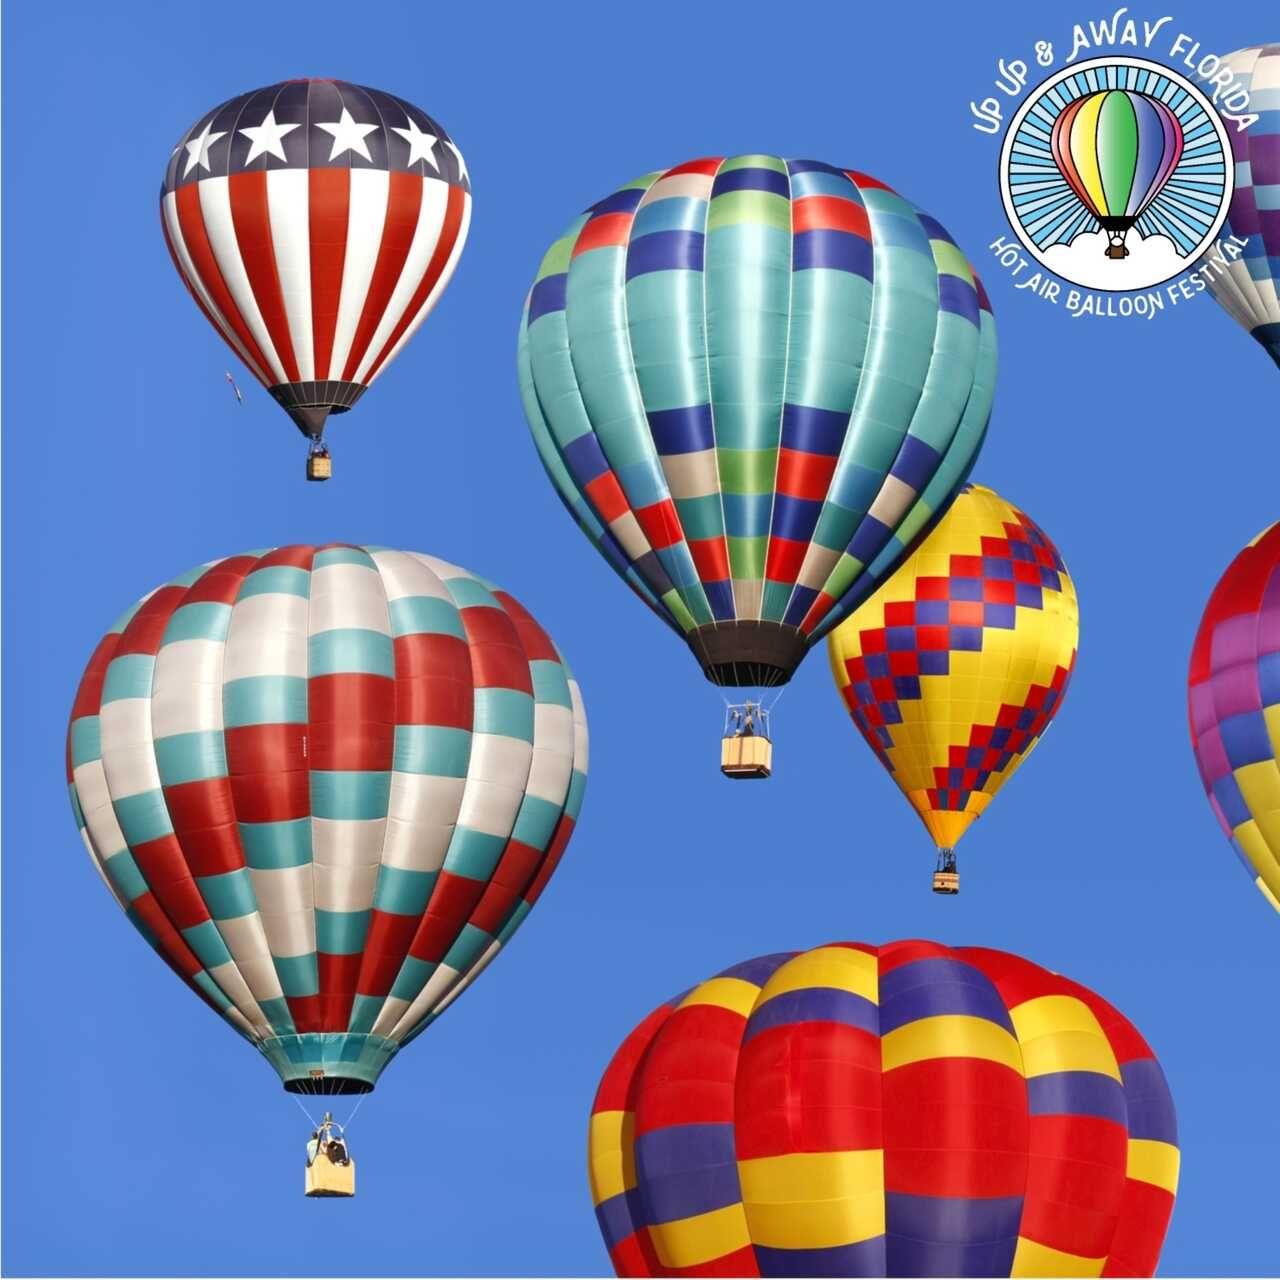 Hot Air Balloon Festival Hot air balloon festival, Air